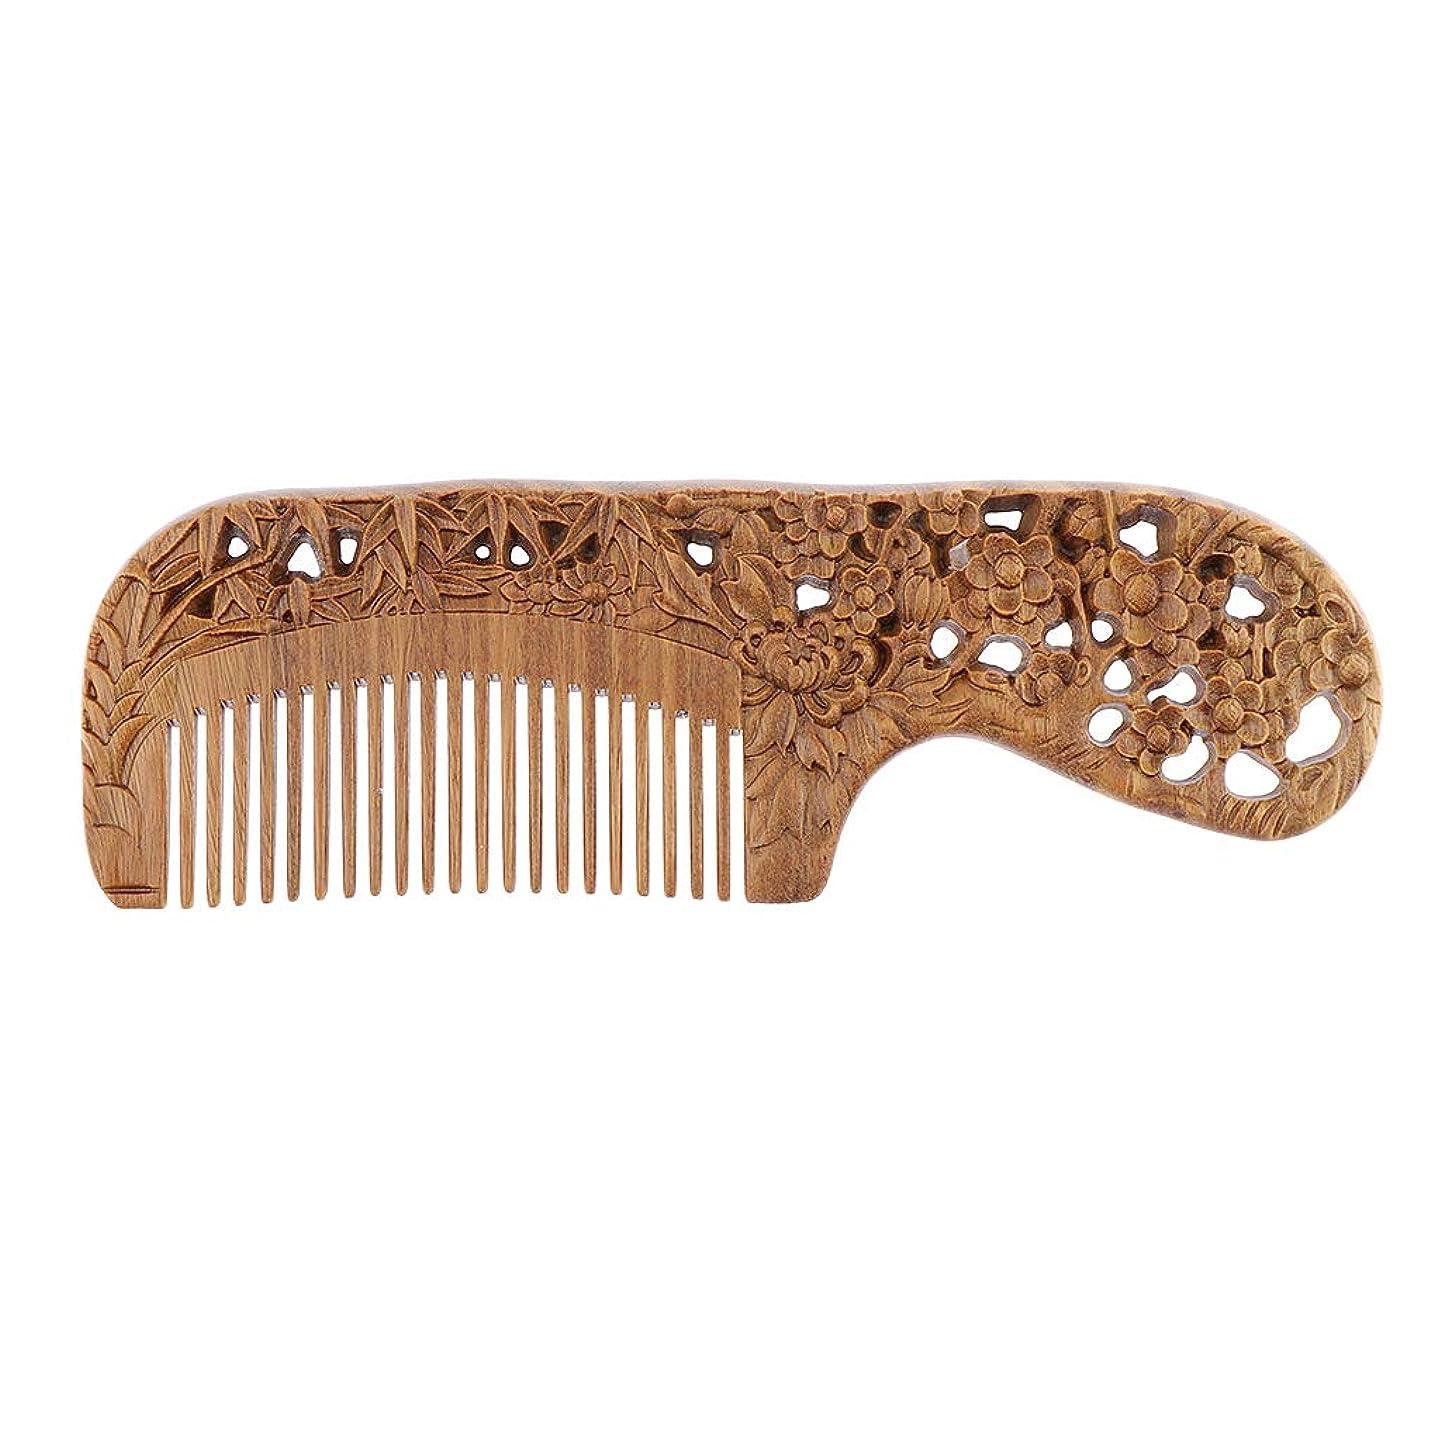 信頼できる抵当放置B Blesiya 手作り 木製櫛 ヘアブラシ ヘアコーム 頭皮マッサージ レトロ 4タイプ選べ   - 17.8 x 5.6 x 11.5 cm